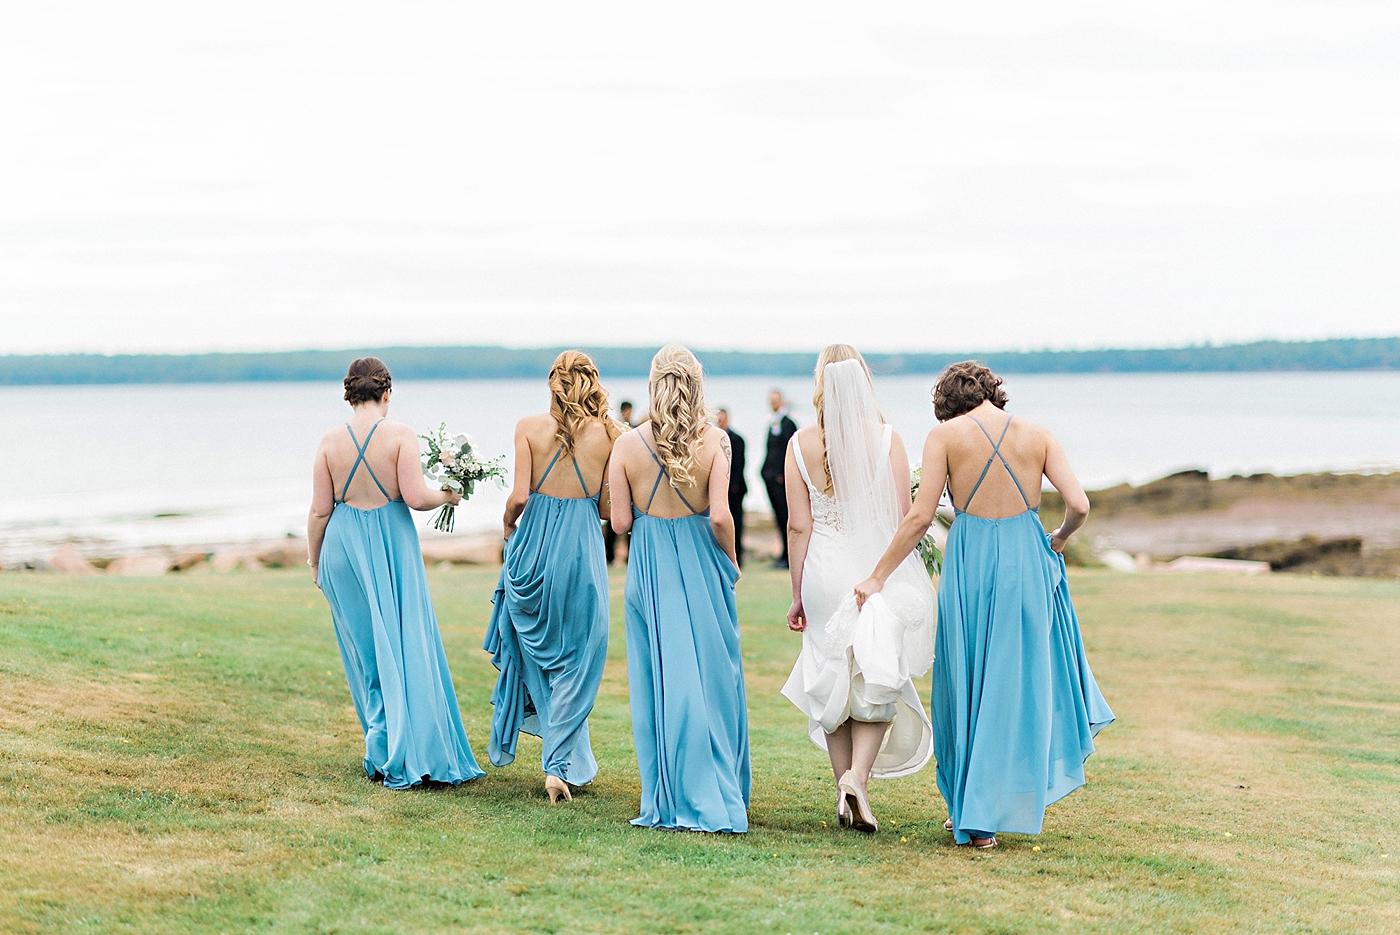 Halifax-Wedding-Photographer-New Brunswick Wedding- Nicolle & Ethan25.jpeg